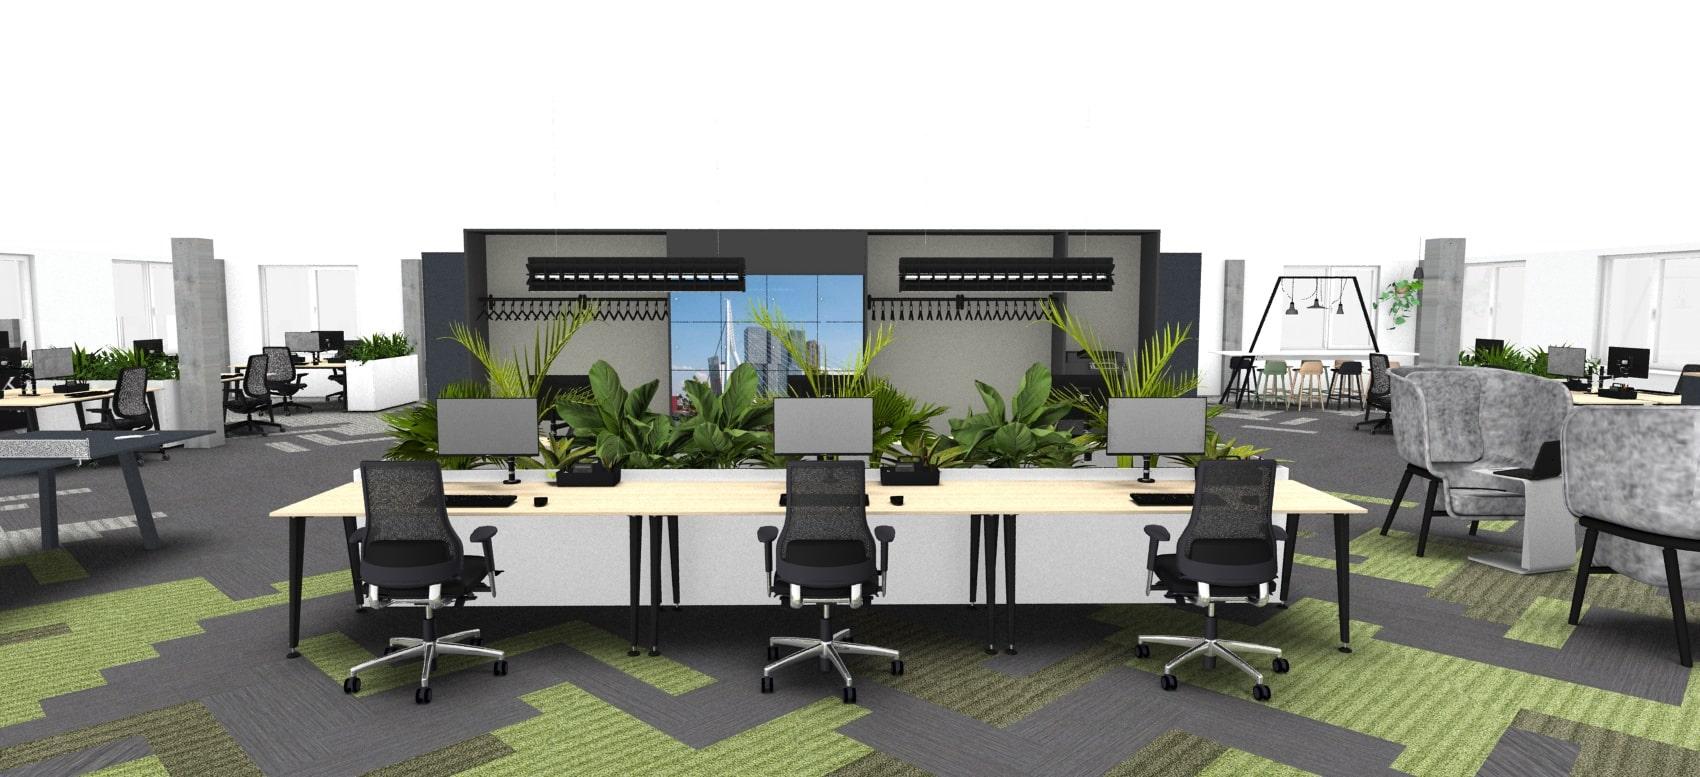 kantoor interieur clunhuis